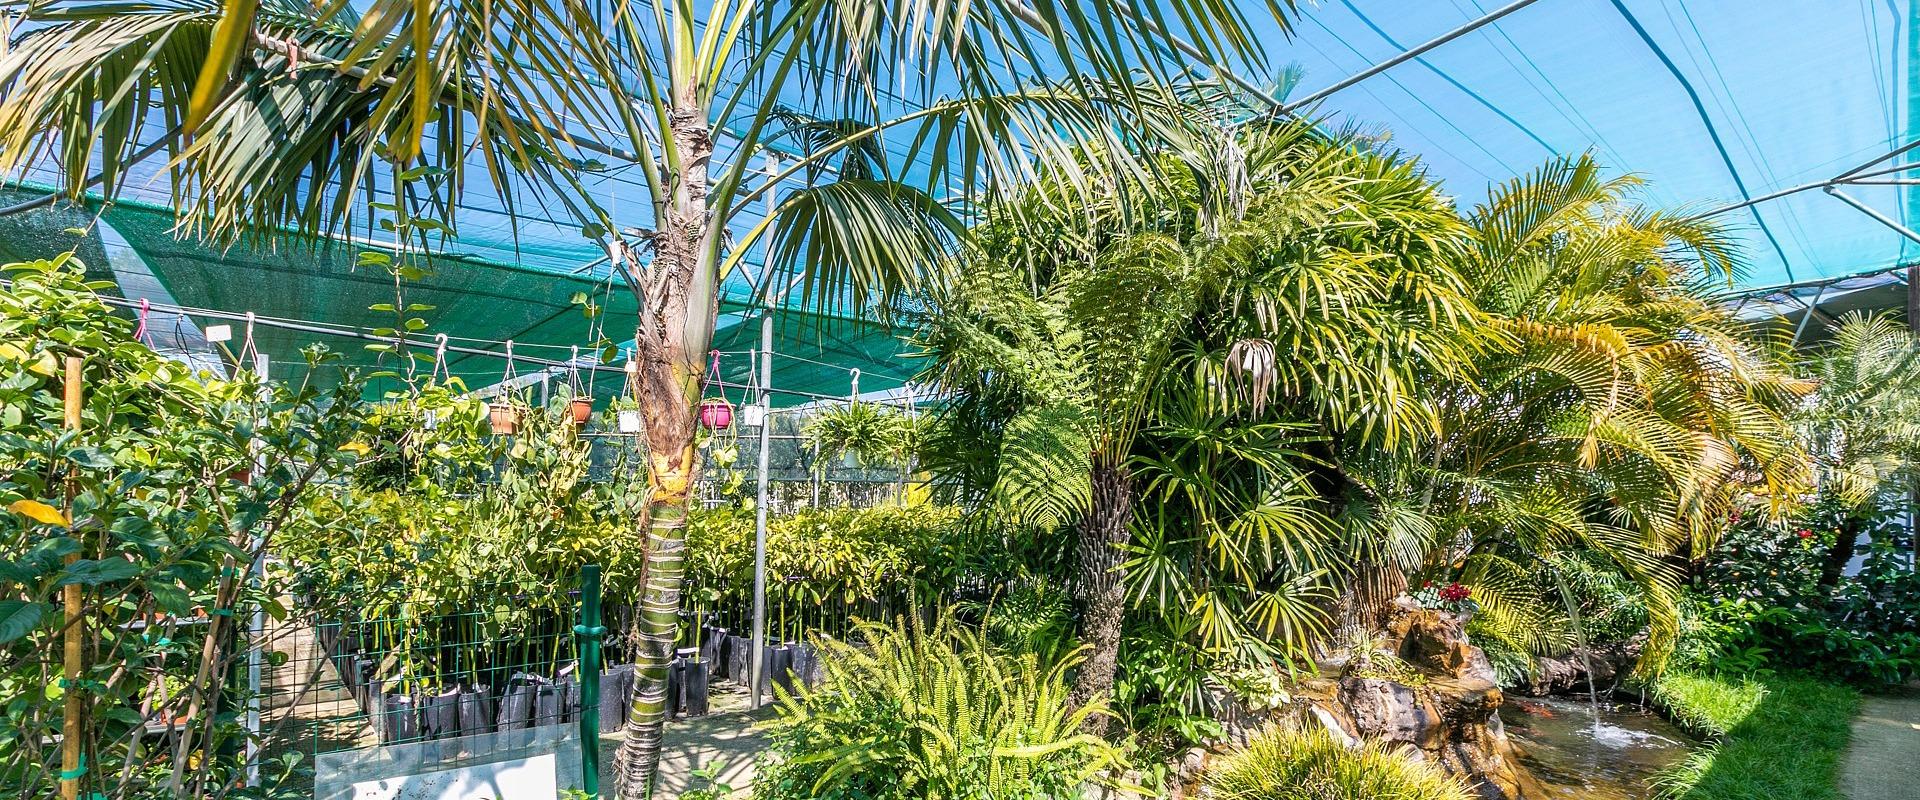 palm tree garden center Crete